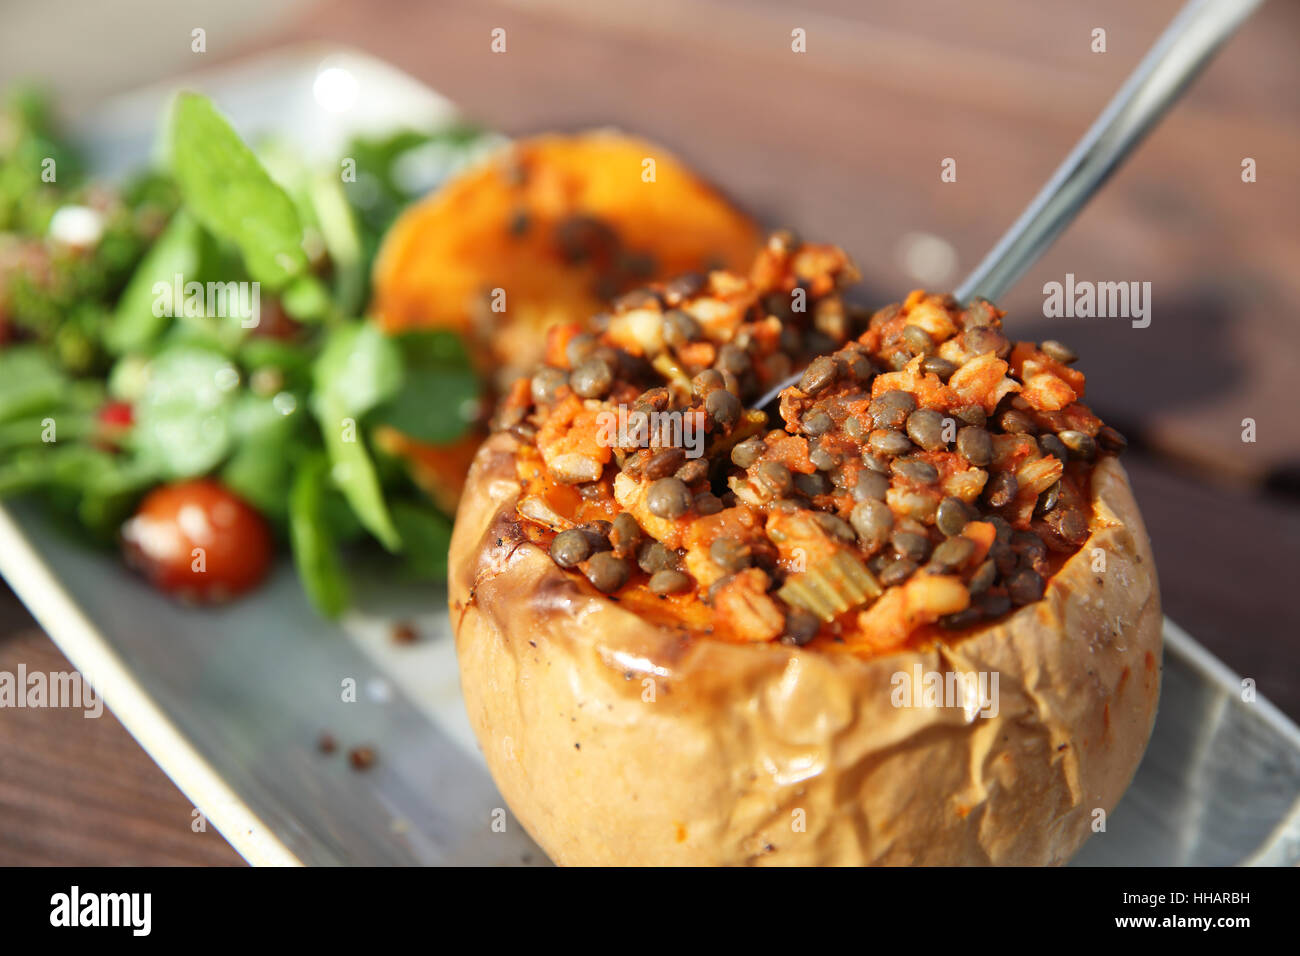 Calentamiento y saludable comida de mediodía o caen en otoño, calabacita, lentejas y ensalada, en Inglaterra, Imagen De Stock